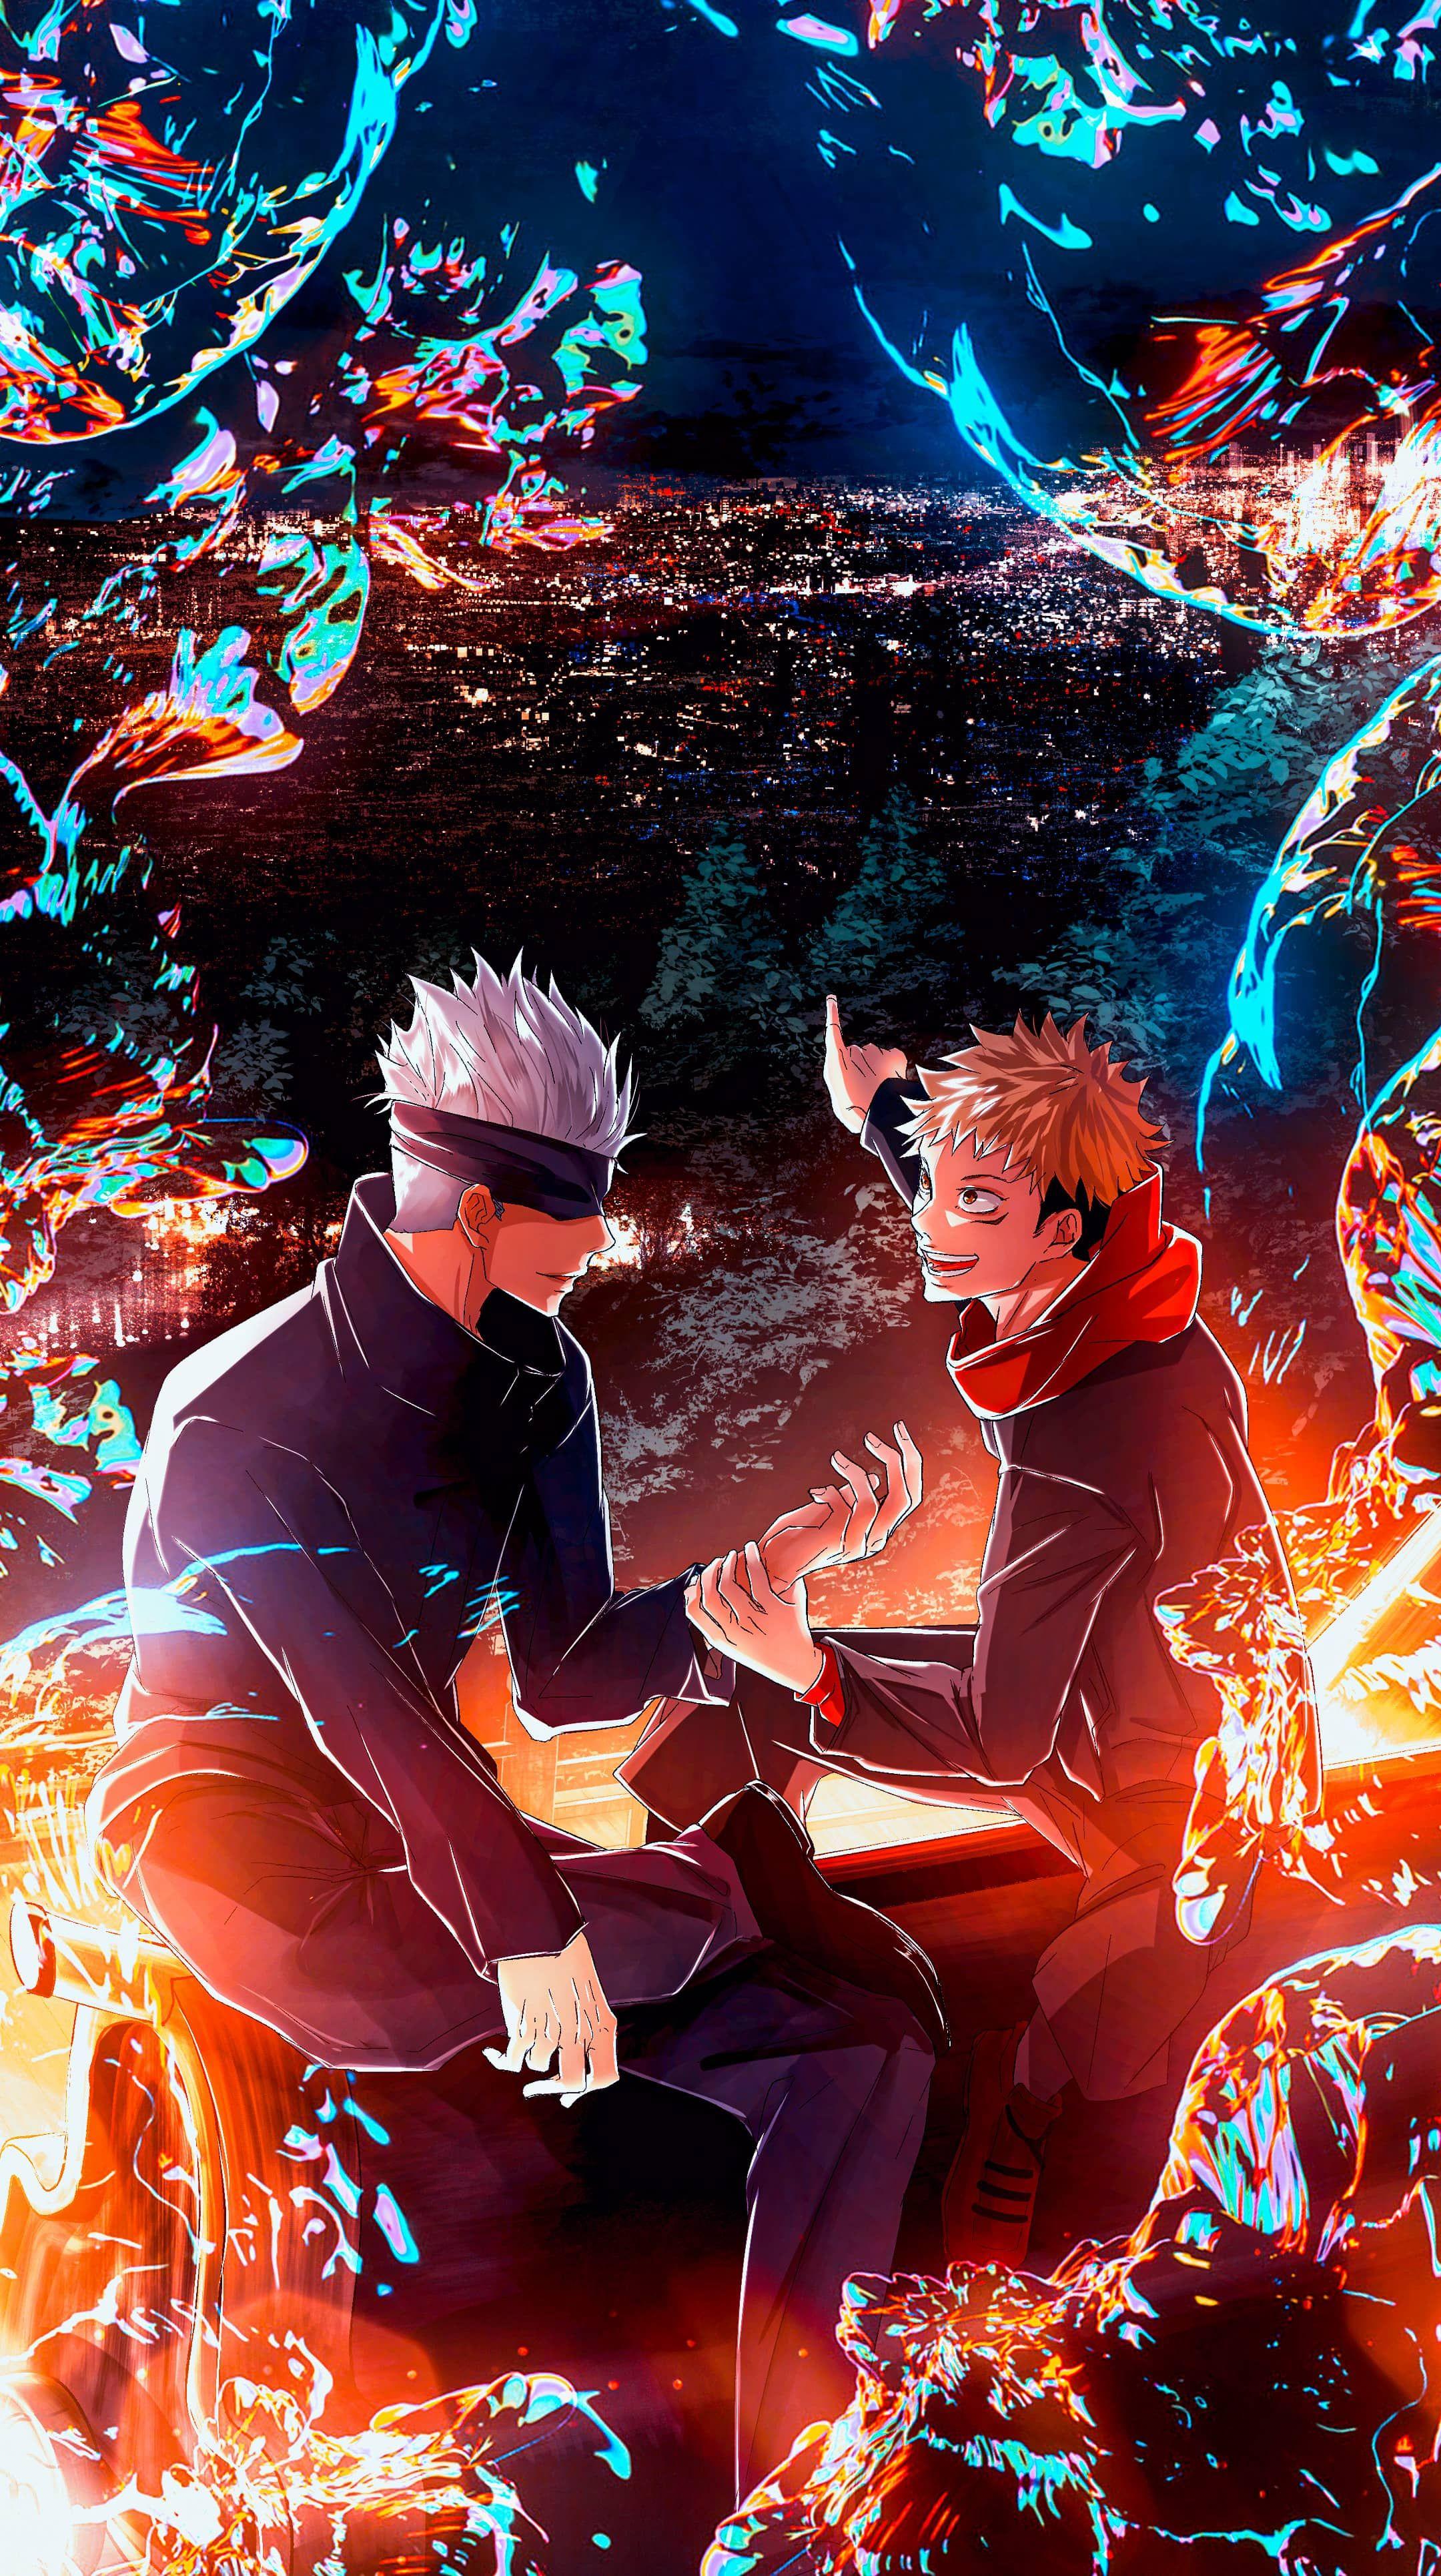 Jujutsu Kaisen Yuji And Satoru 4k Vertical Wallpaper In 2021 Jujutsu Anime Wallpaper Cool Anime Wallpapers